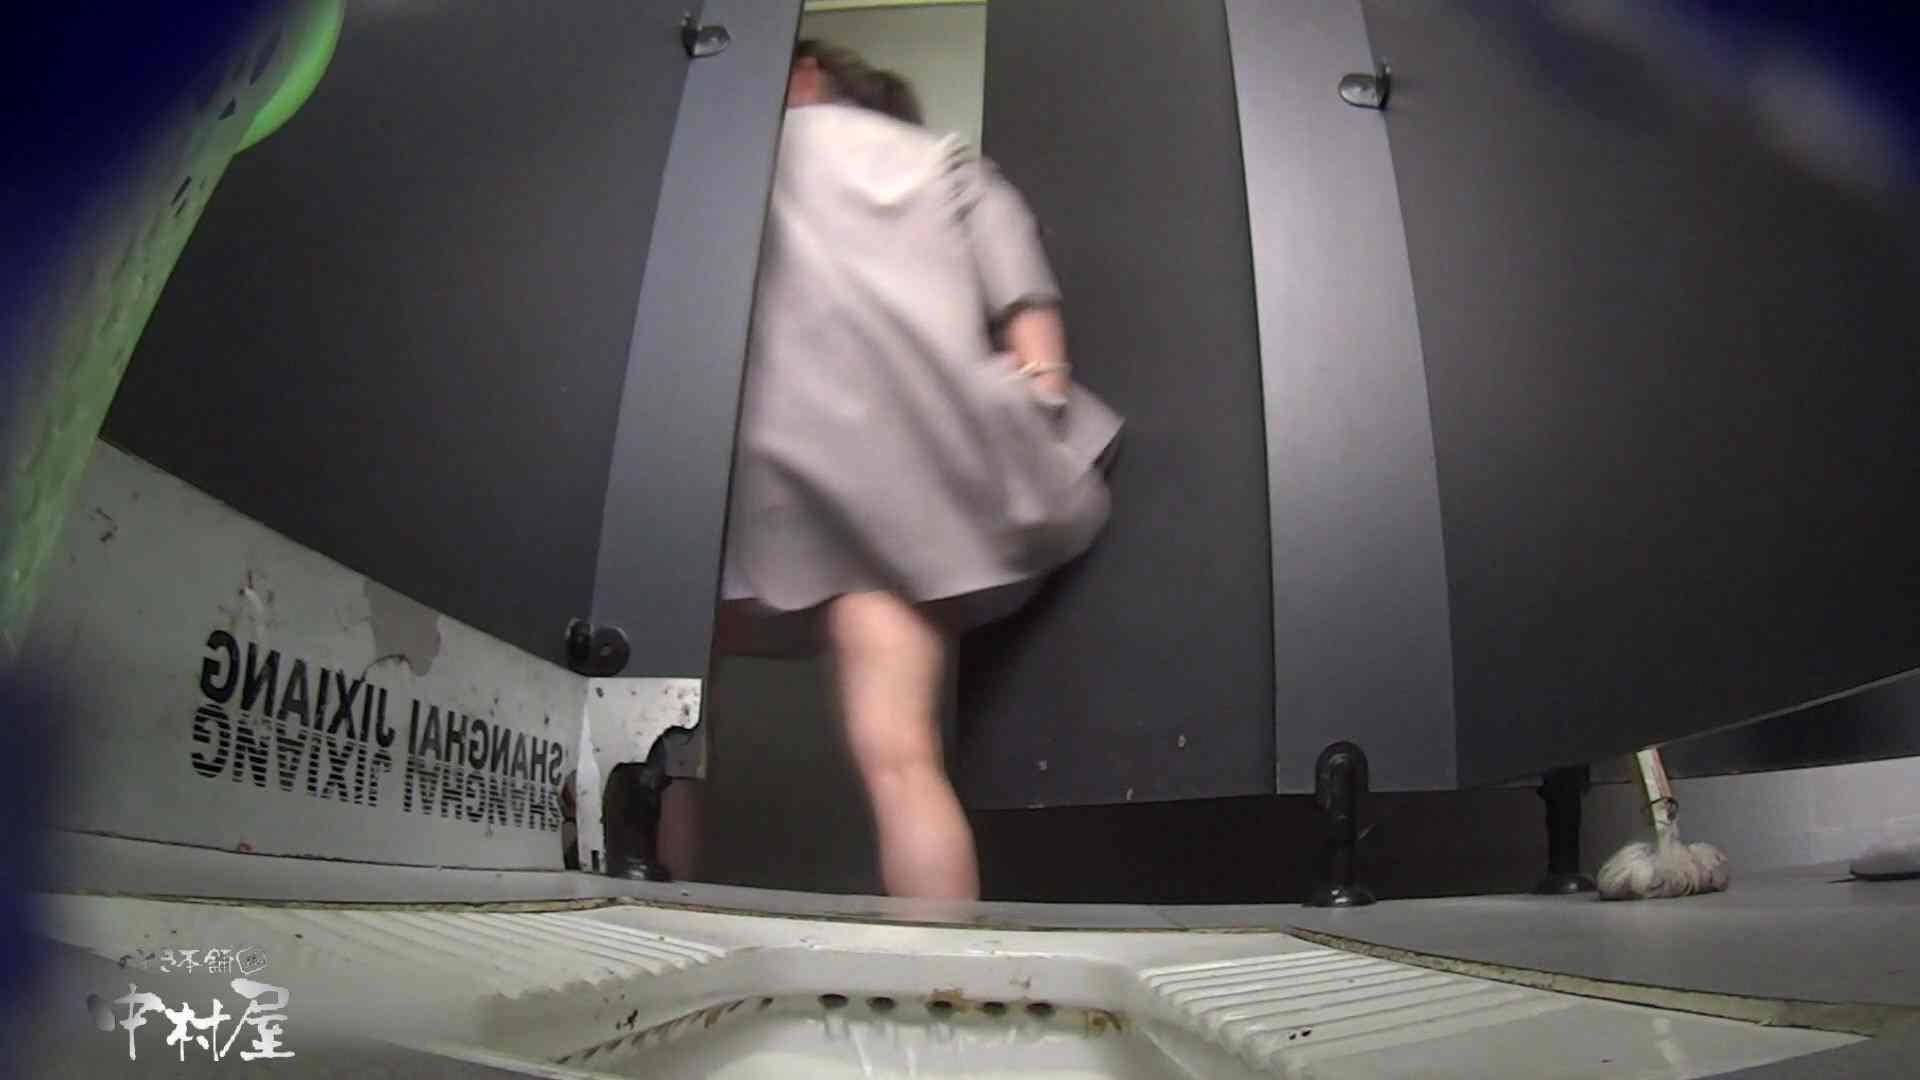 グレースパッツお女市さん 大学休憩時間の洗面所事情31 美女丸裸 おまんこ無修正動画無料 85pic 67